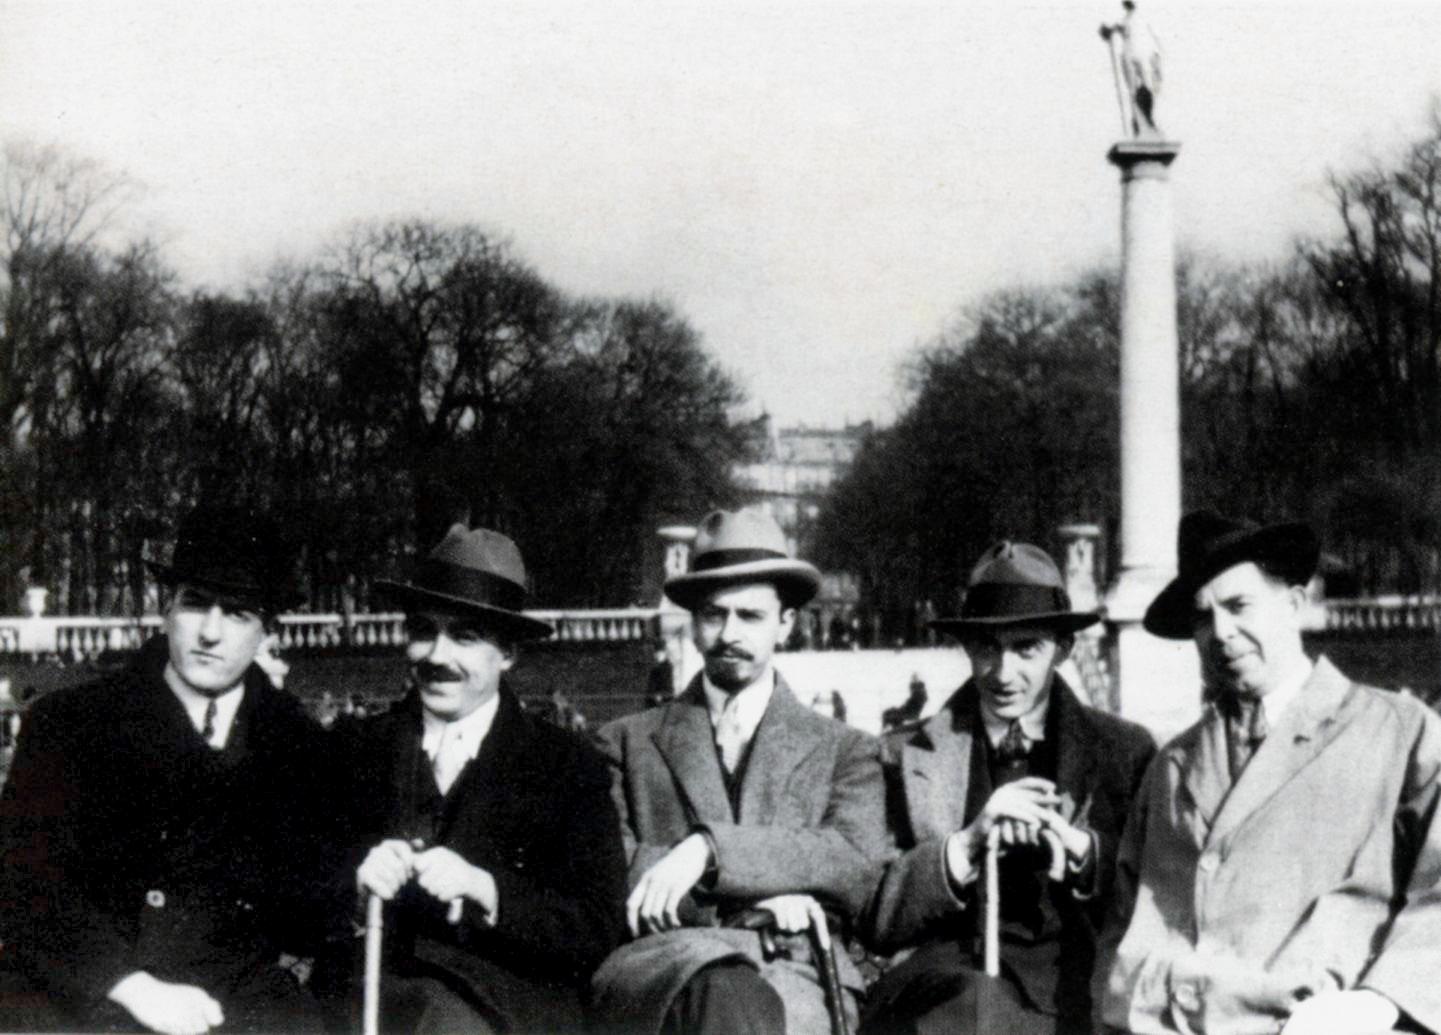 Φωτογραφία Στους κήπους του Λουξεμβούργου στο Παρίσι, το 1925. Από αριστερά: Γ. Κατσίμπαλης, Teriade, Ν. Χ. Γκίκας, Α. Κατακουζηνός και Μ. Τόμπρος. Συλλογή Γιώργου Γ. Κατσίμπαλη.